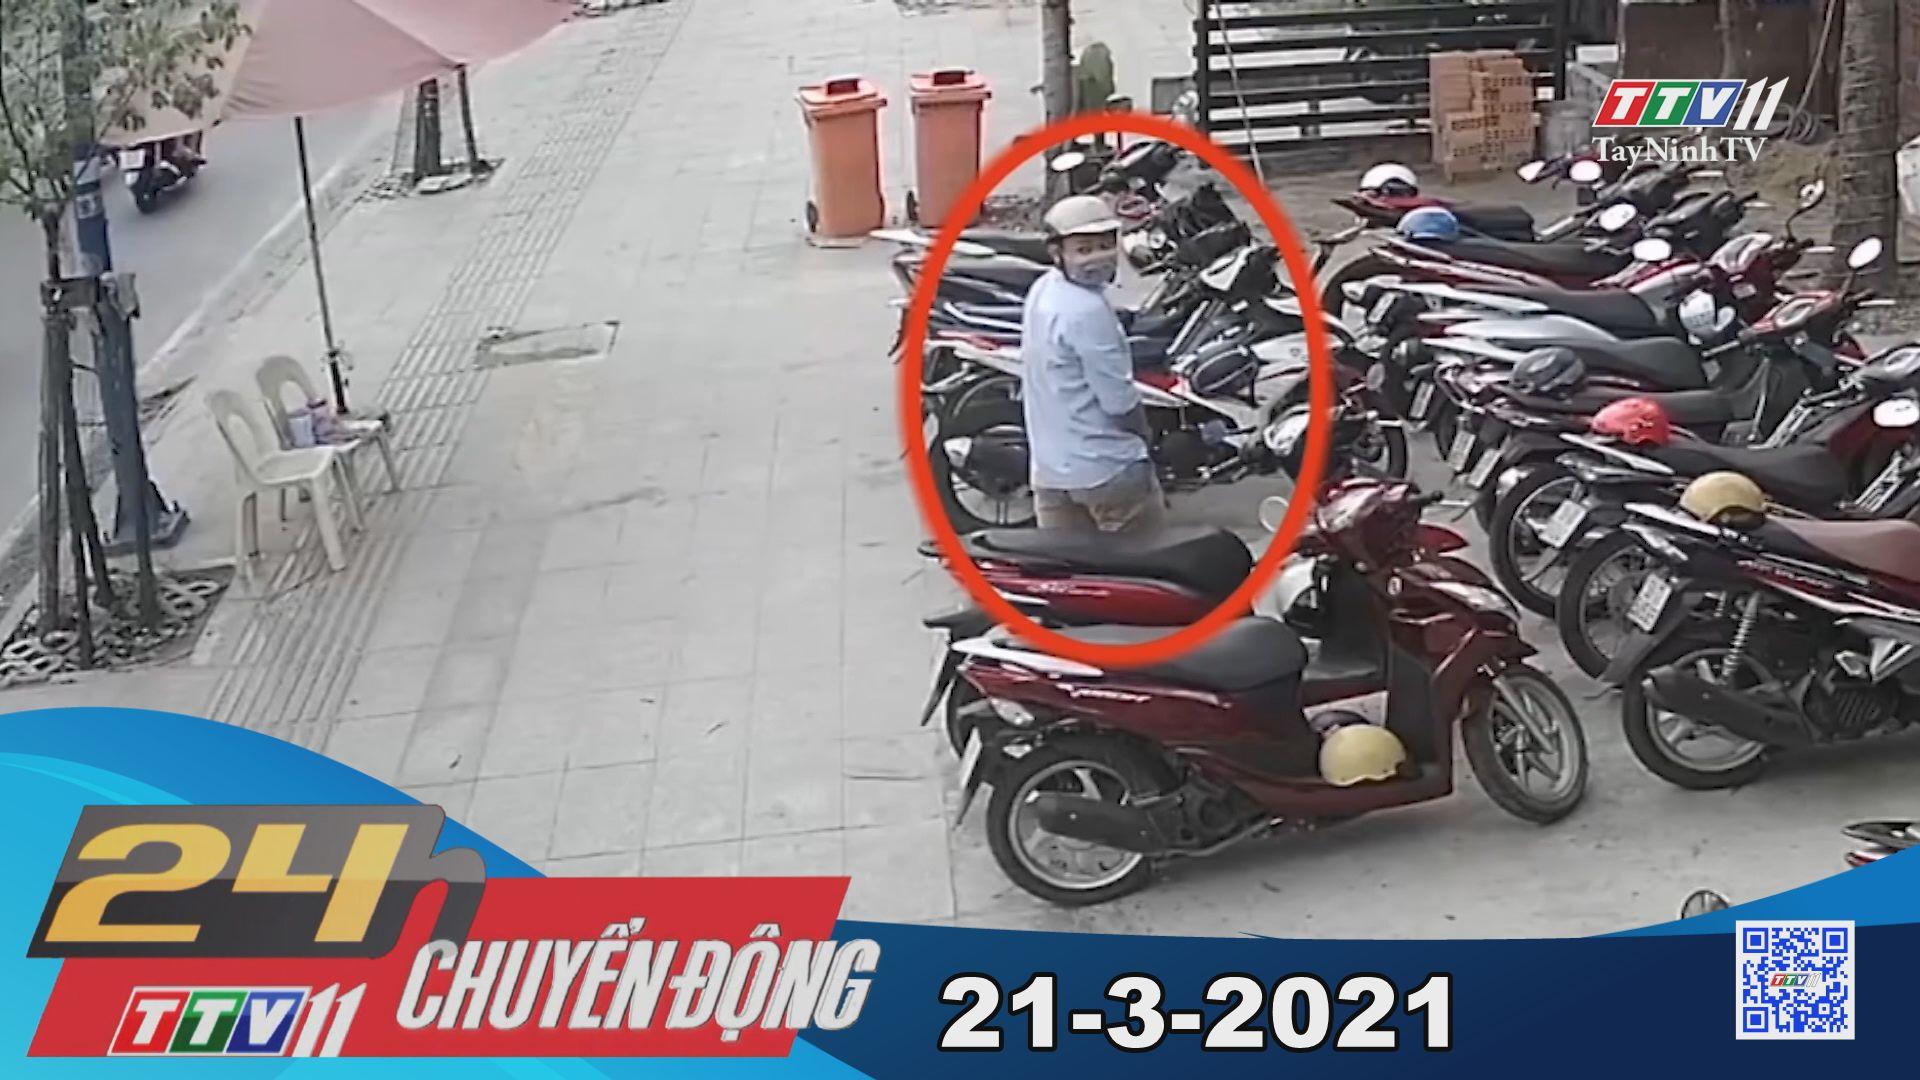 24h Chuyển động 20-3-2021 | Tin tức hôm nay | TayNinhTV